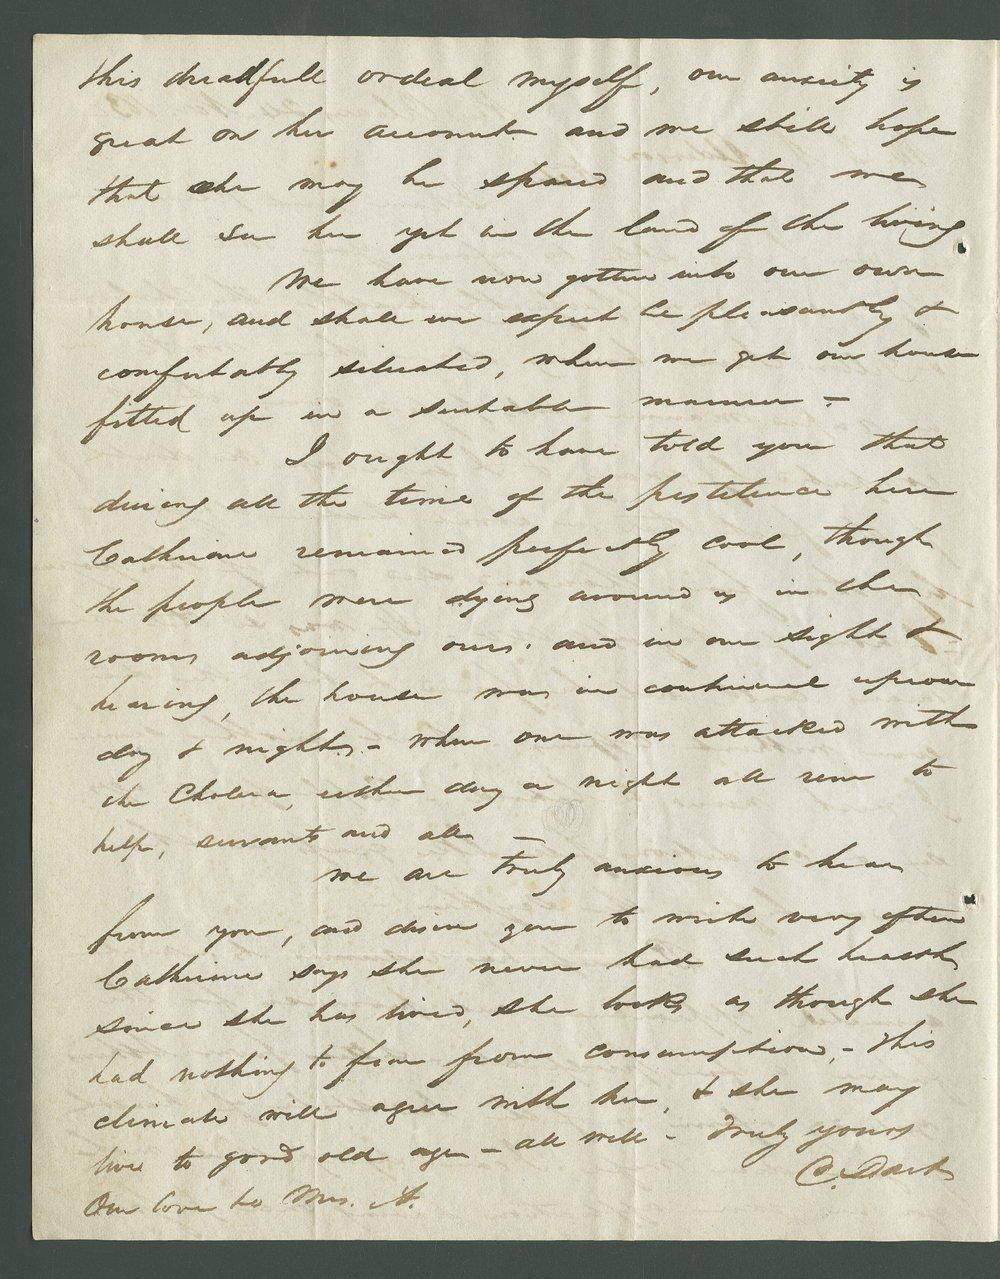 Catherine B. Dart to Lewis Allen Alderson - 12